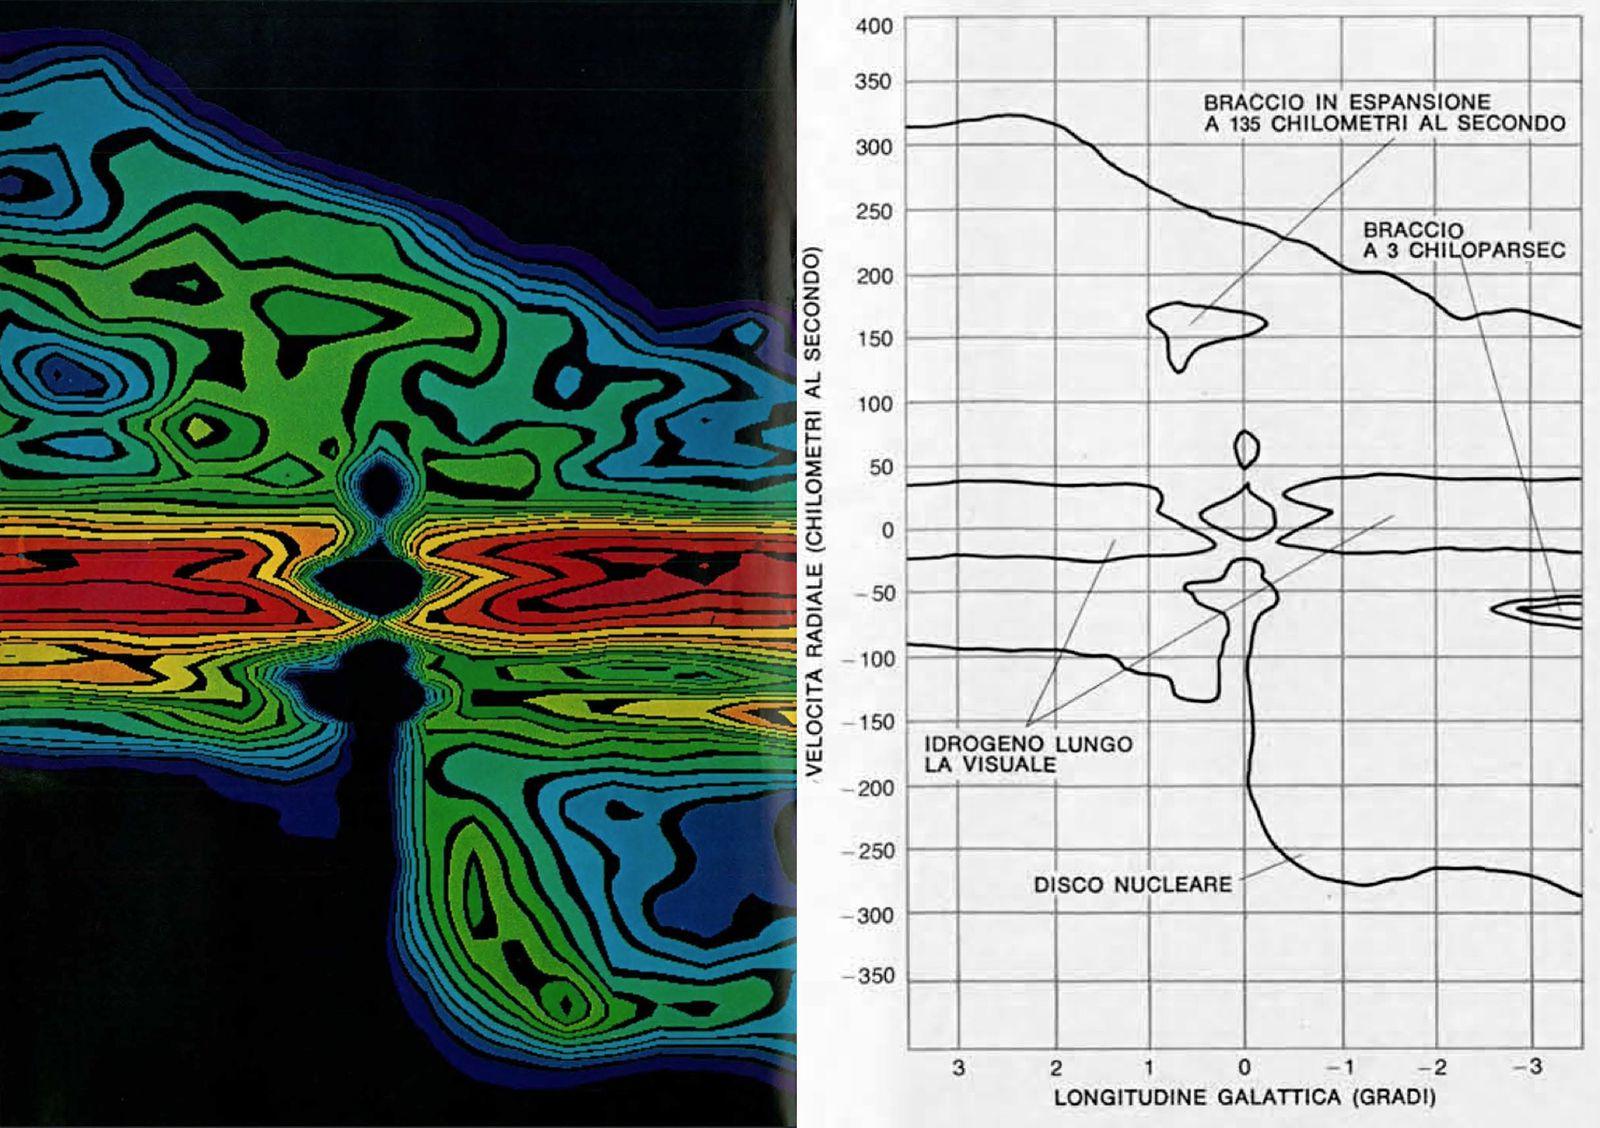 A sinistra, una mappa a colori della velocità radiale delle nubi di gas nel centro galattico, realizzata nell'era pionieristica dei computer, sulla base delle osservazioni compiute con il radiotelescopio da 43 metri del National Radio Astronomy Observatory a Green Bank, in Virginia. A destra, lo schema illustrativo di ciò che si vede nella mappa a colori. Il buco nero al centro dell'immagine corrisponde all'assorbimento della radiazione a 21 centimetri proveniente da Sagittarius A da parte dell'idrogeno neutro interposto tra la sorgente e la Terra. Cortesia: R. H. Sanders e G. T. Wrixon, Le Scienze, 1974